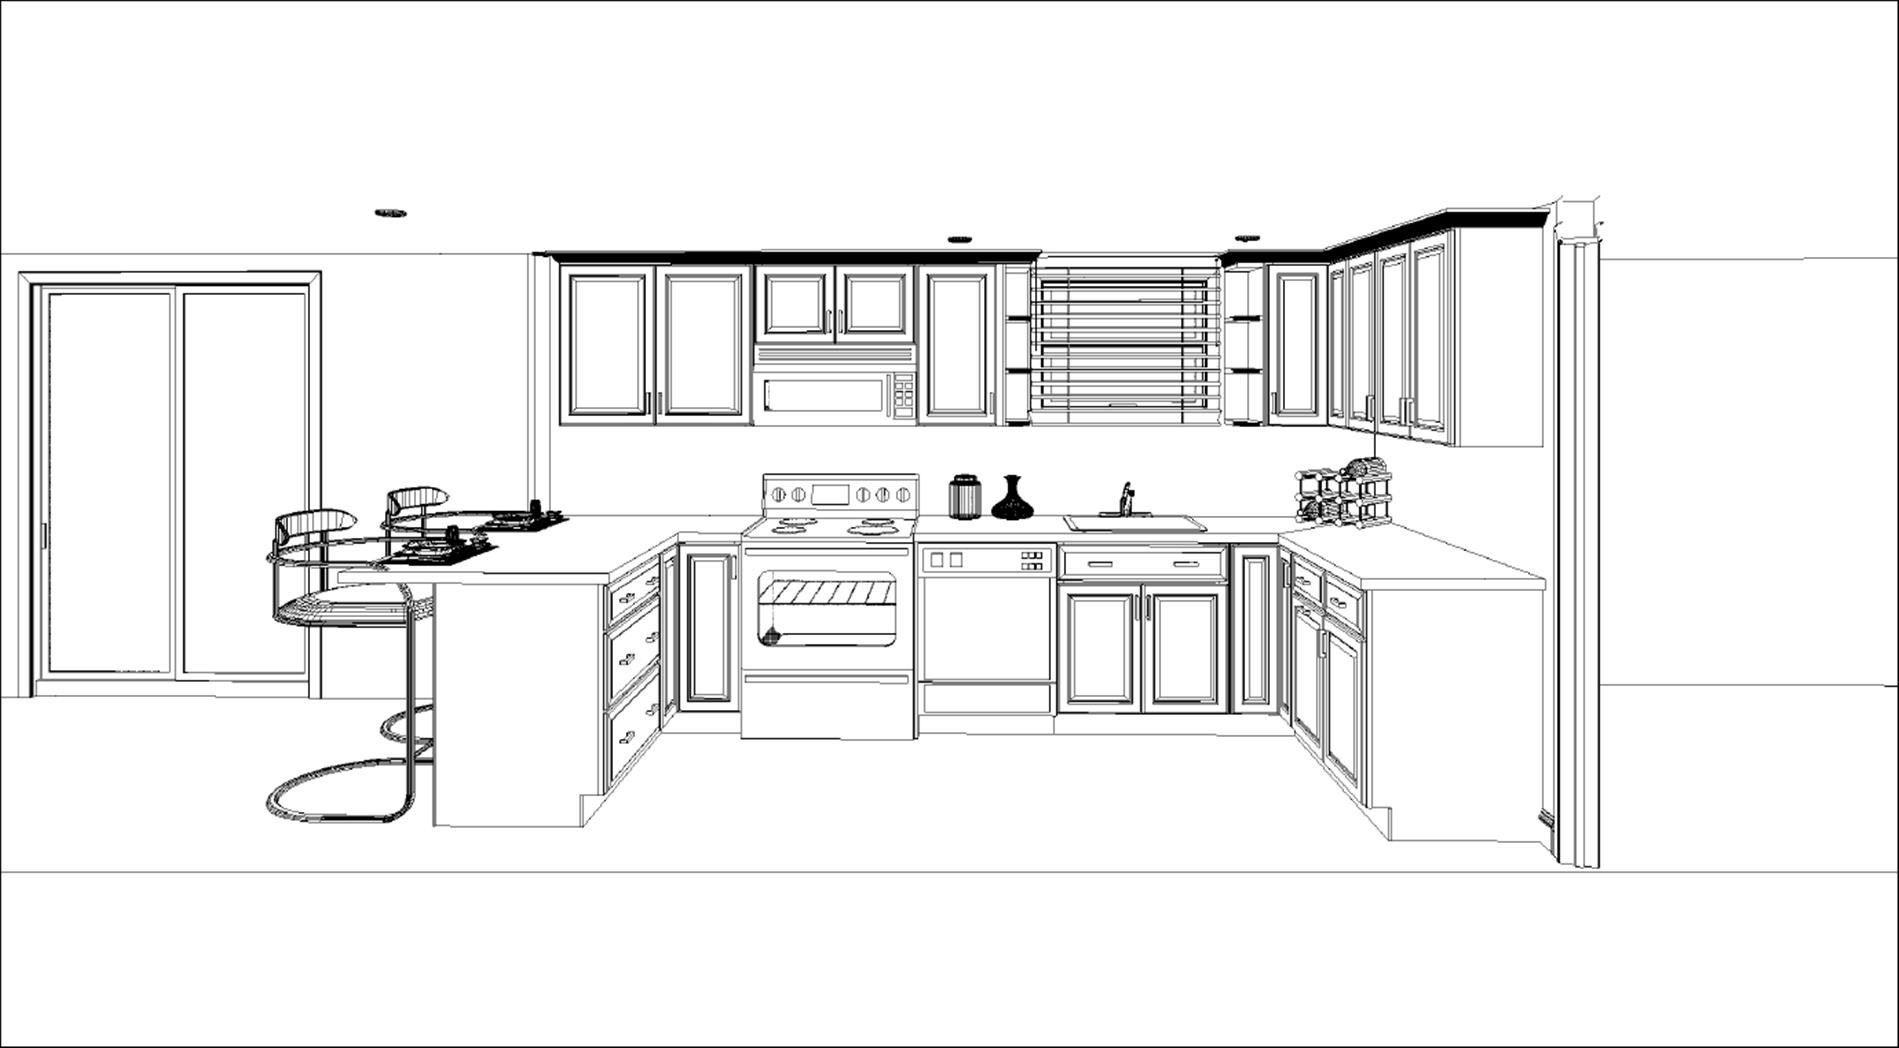 10 X 8 Kitchen Cabinets